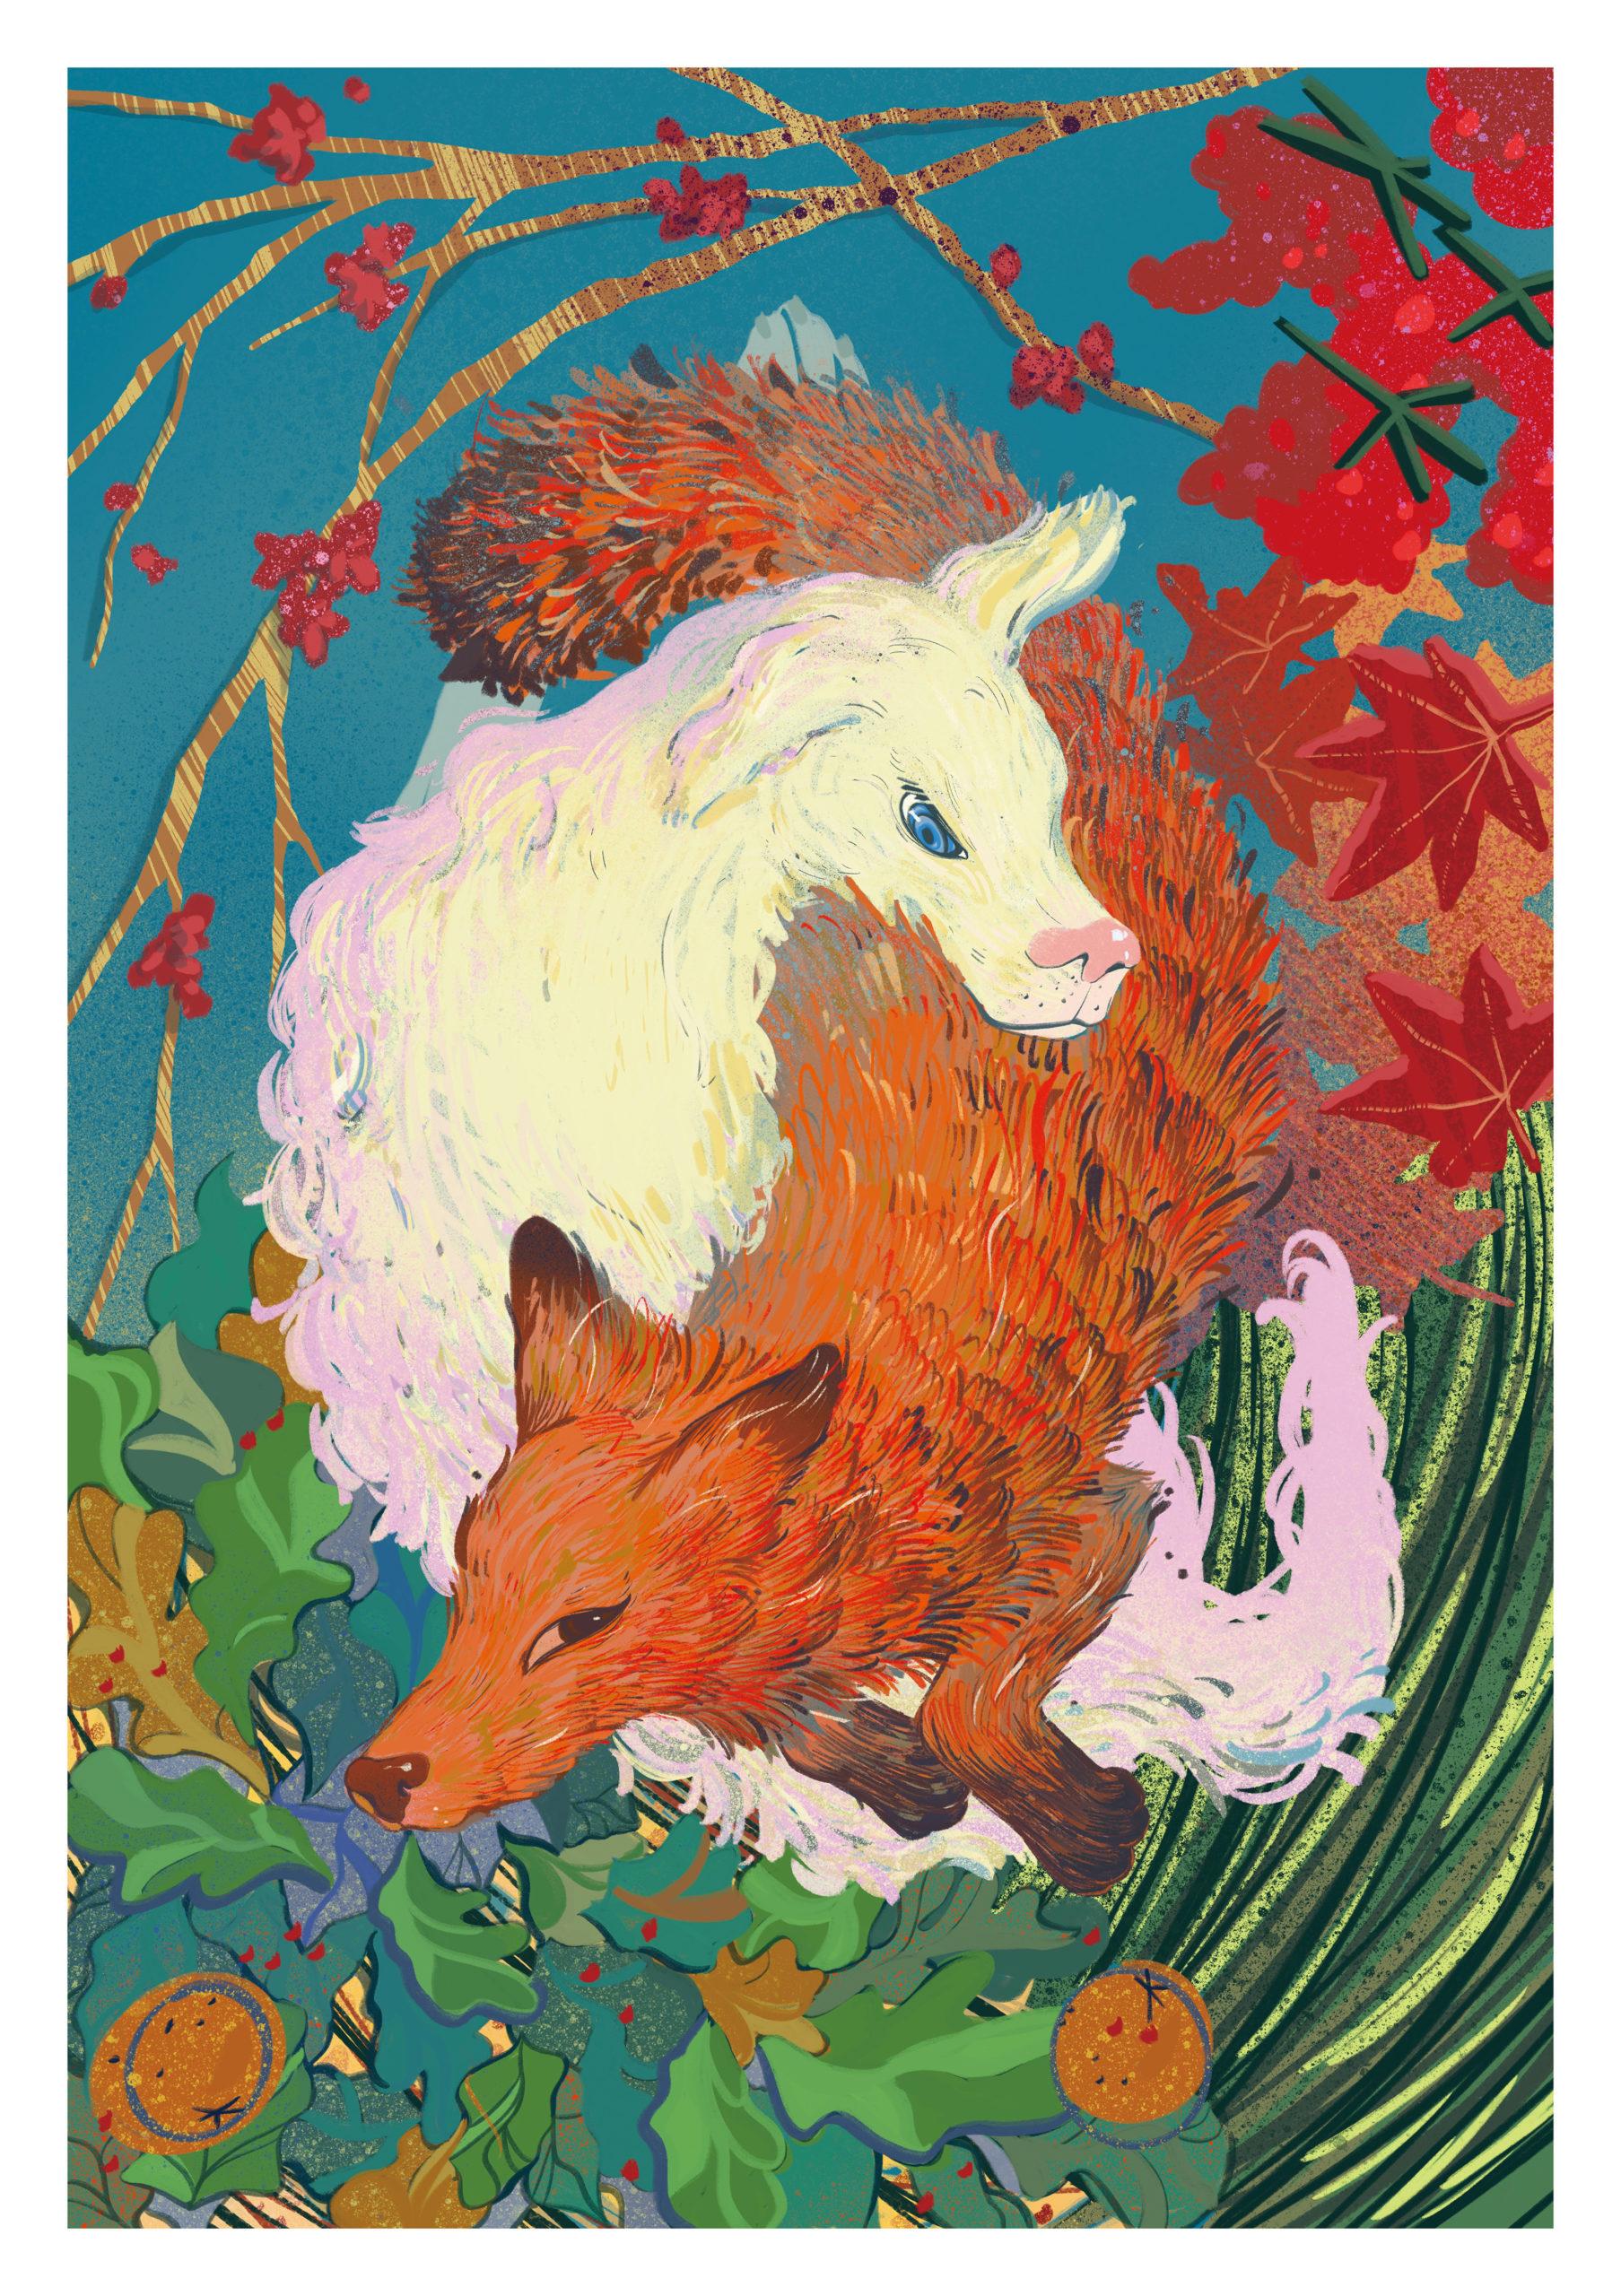 Vivaldi Four Seasons student artwork from MassArt, Yuan Yuan Wang